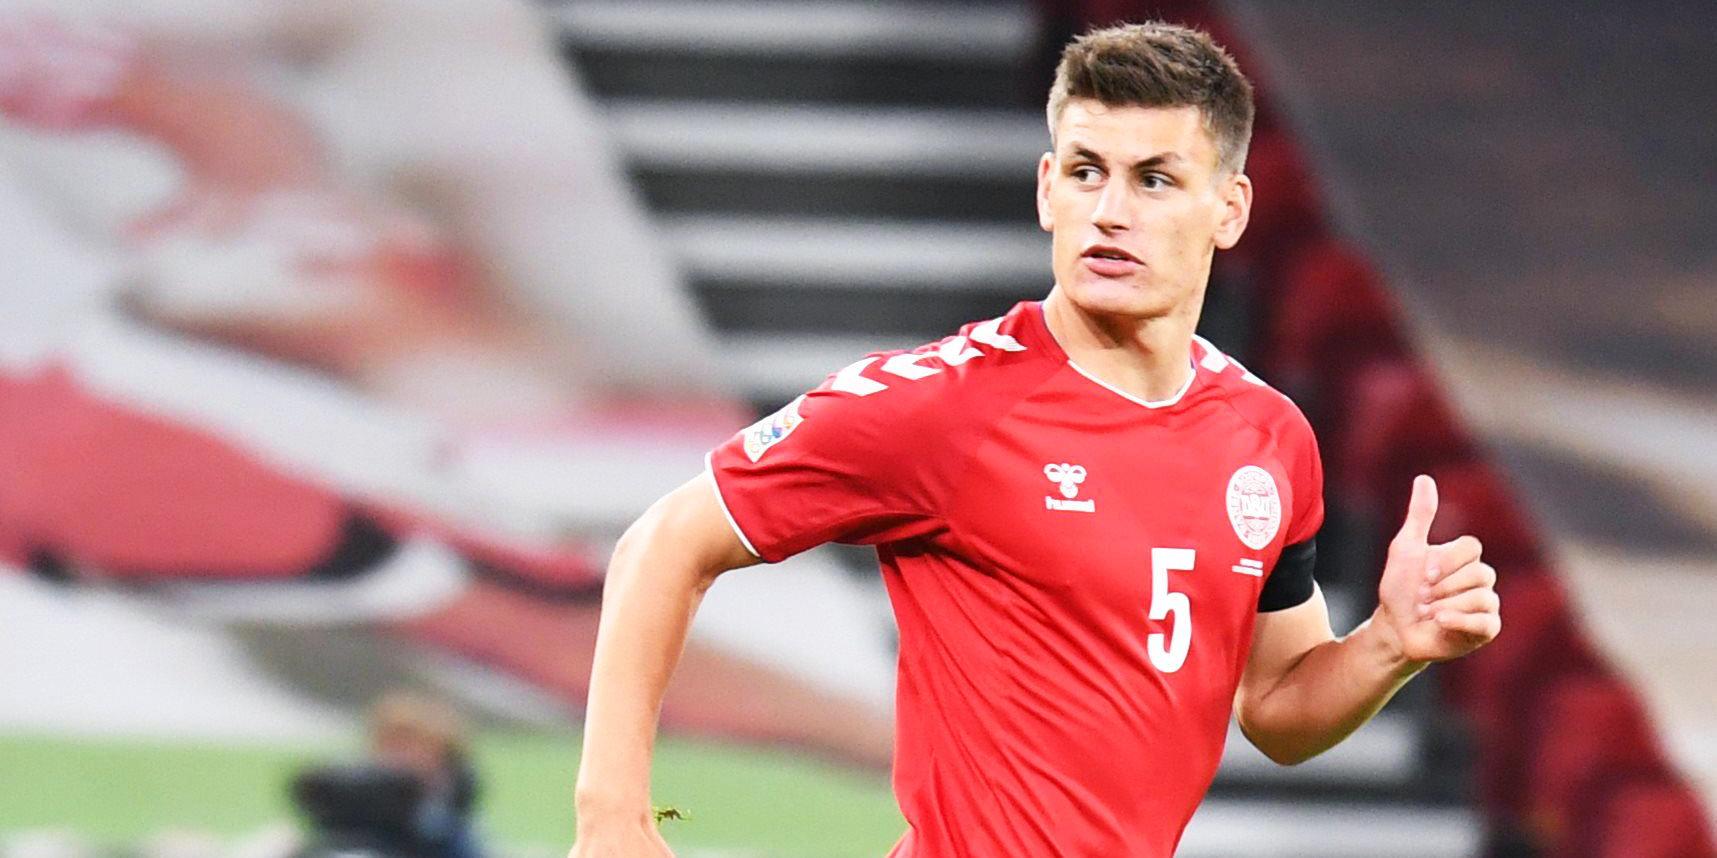 Дания оказалась сильнее Швеции в товарищеском матче